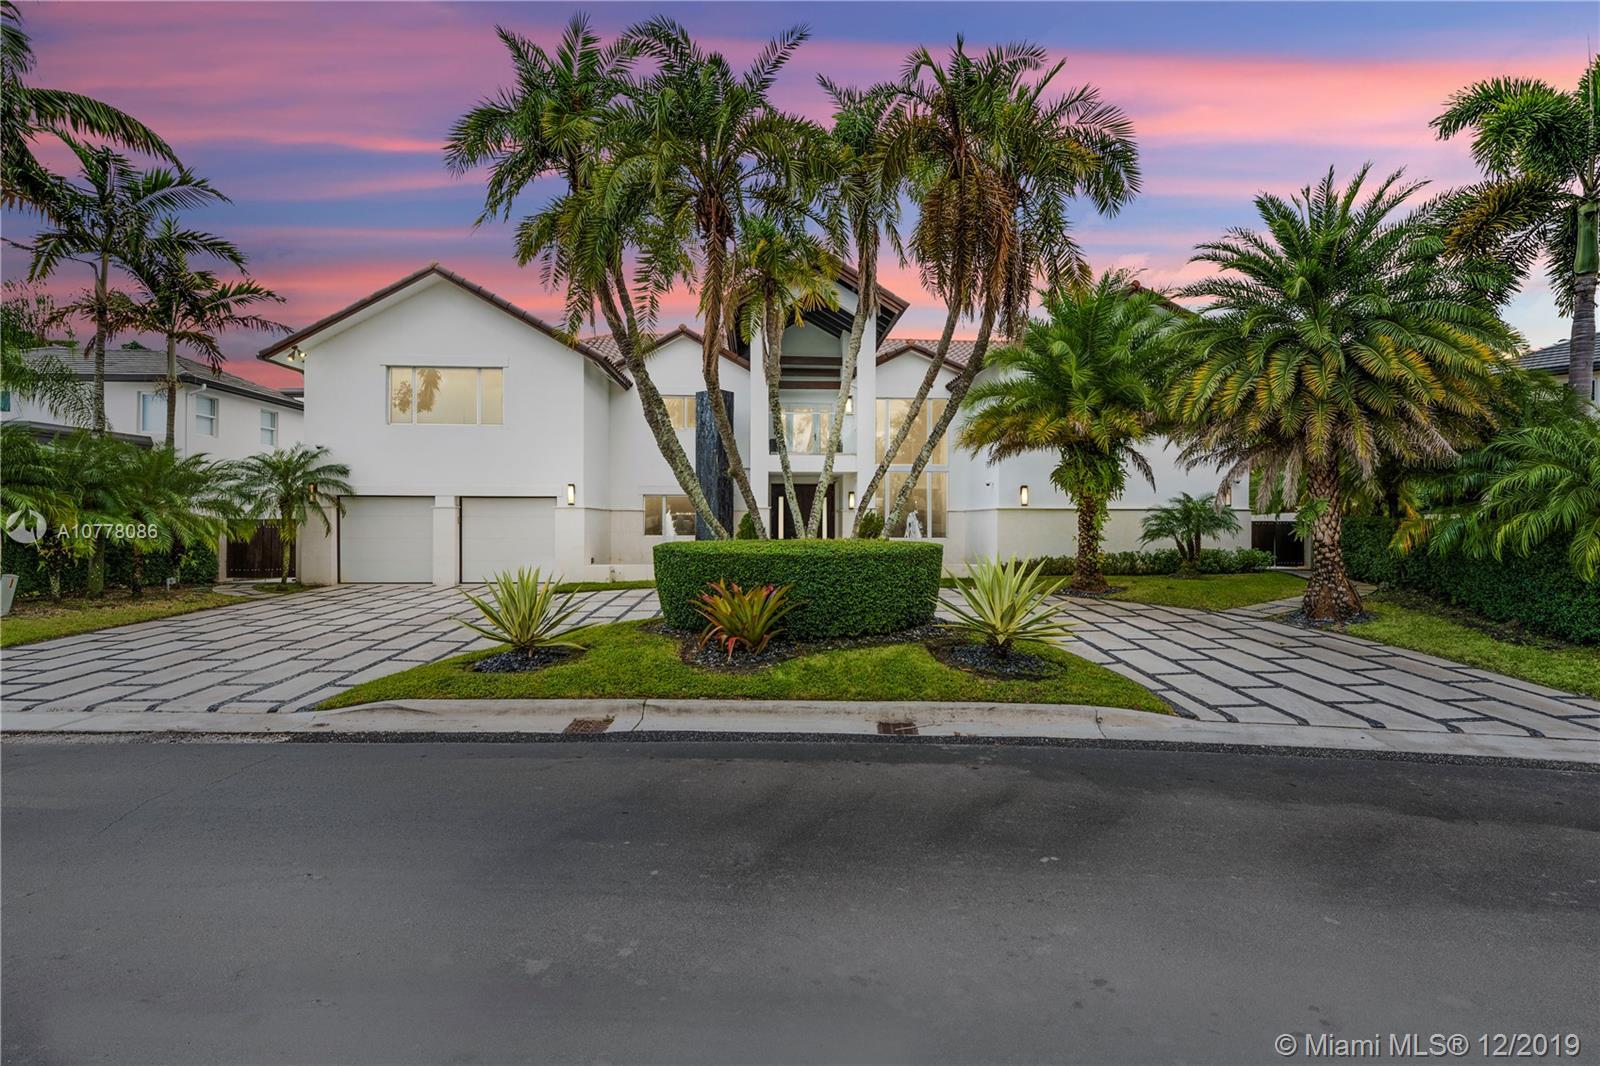 5274 NW 94th Doral Pl, Doral, Florida